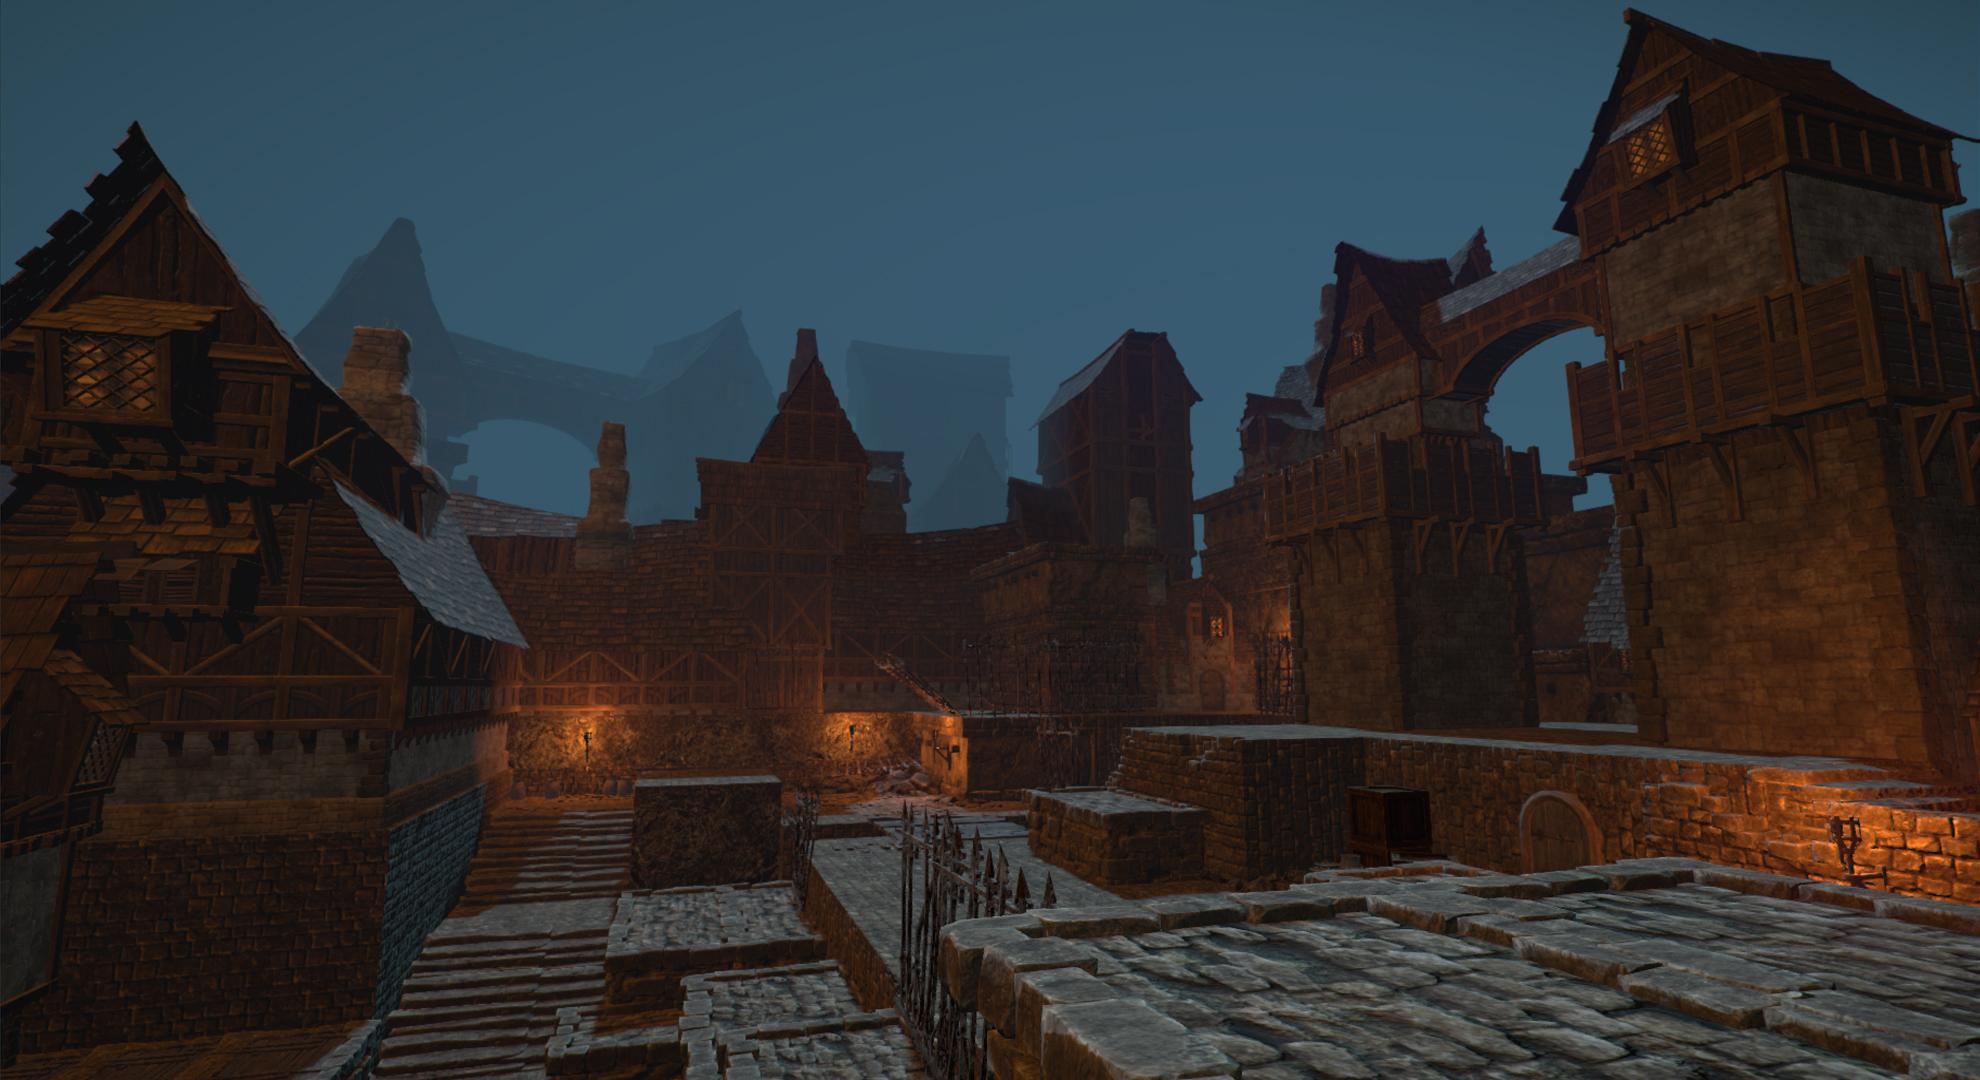 Doomed Village 2P